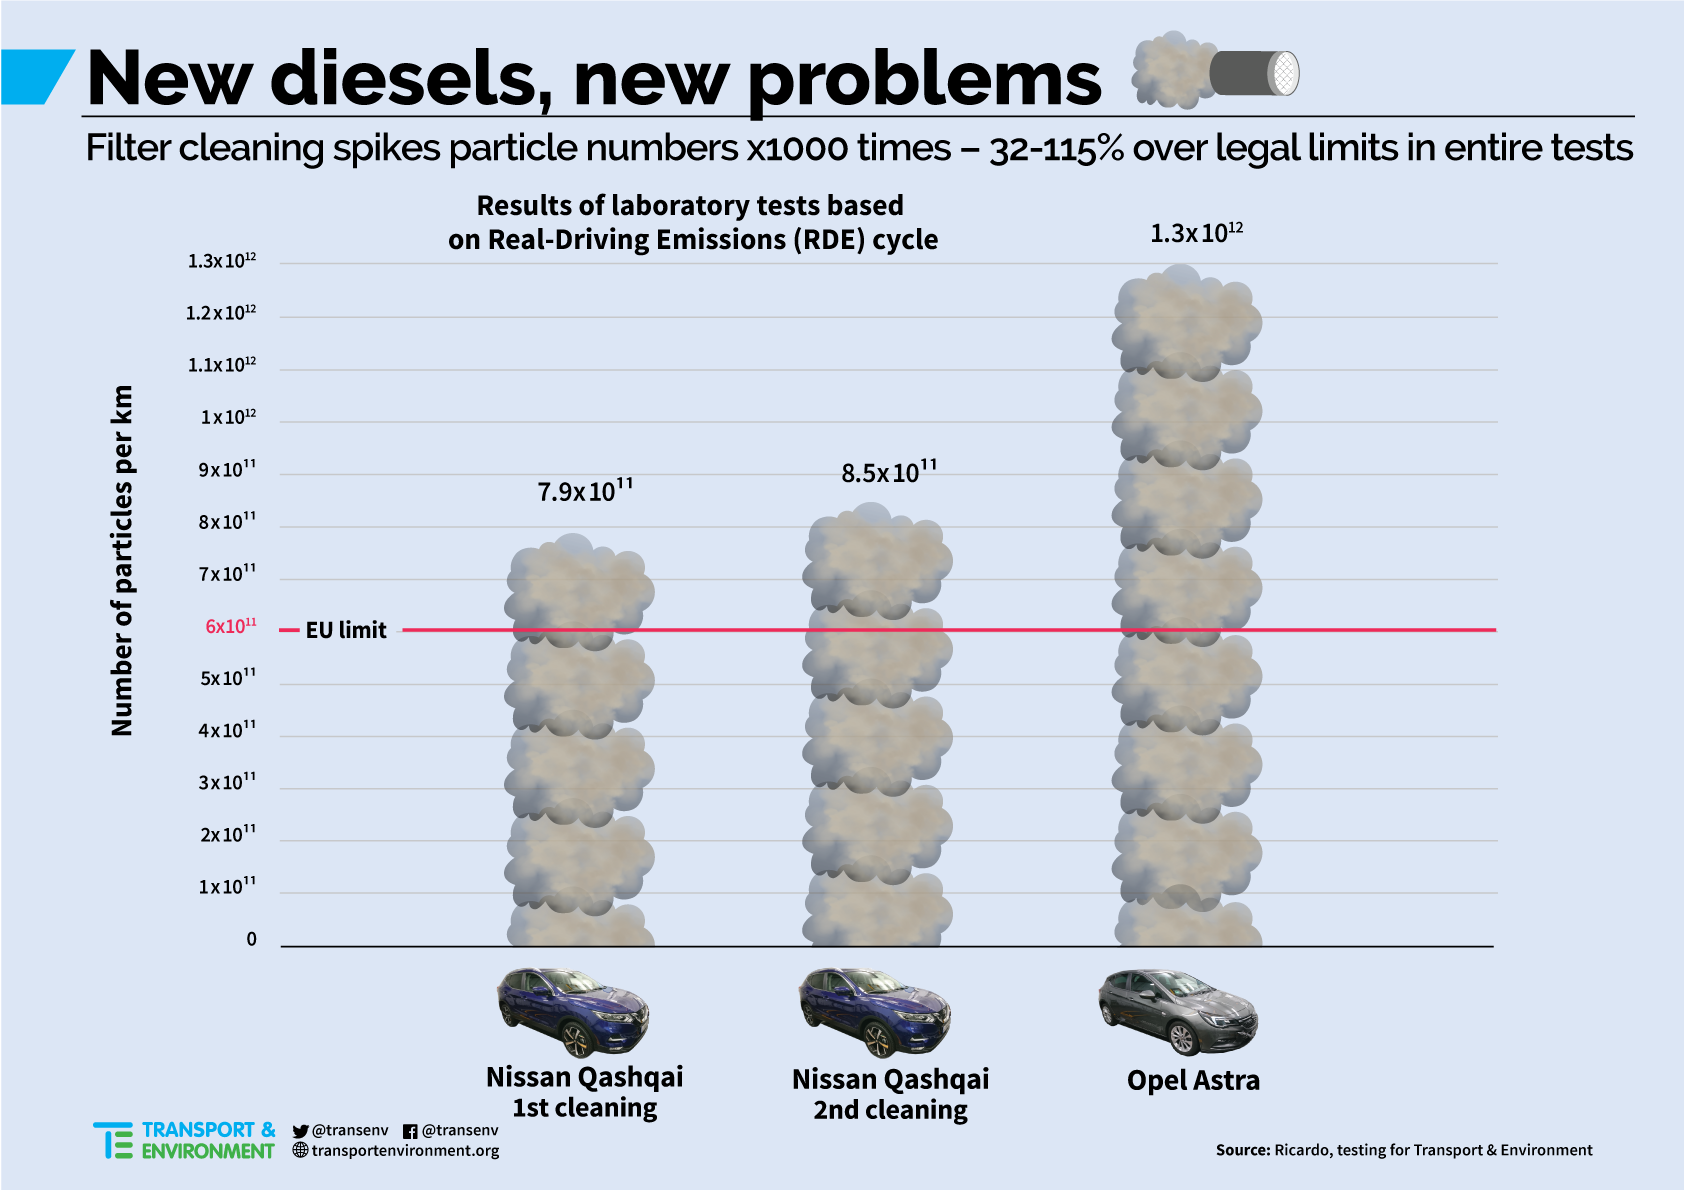 Nieuwe diesels, nieuwe problemen